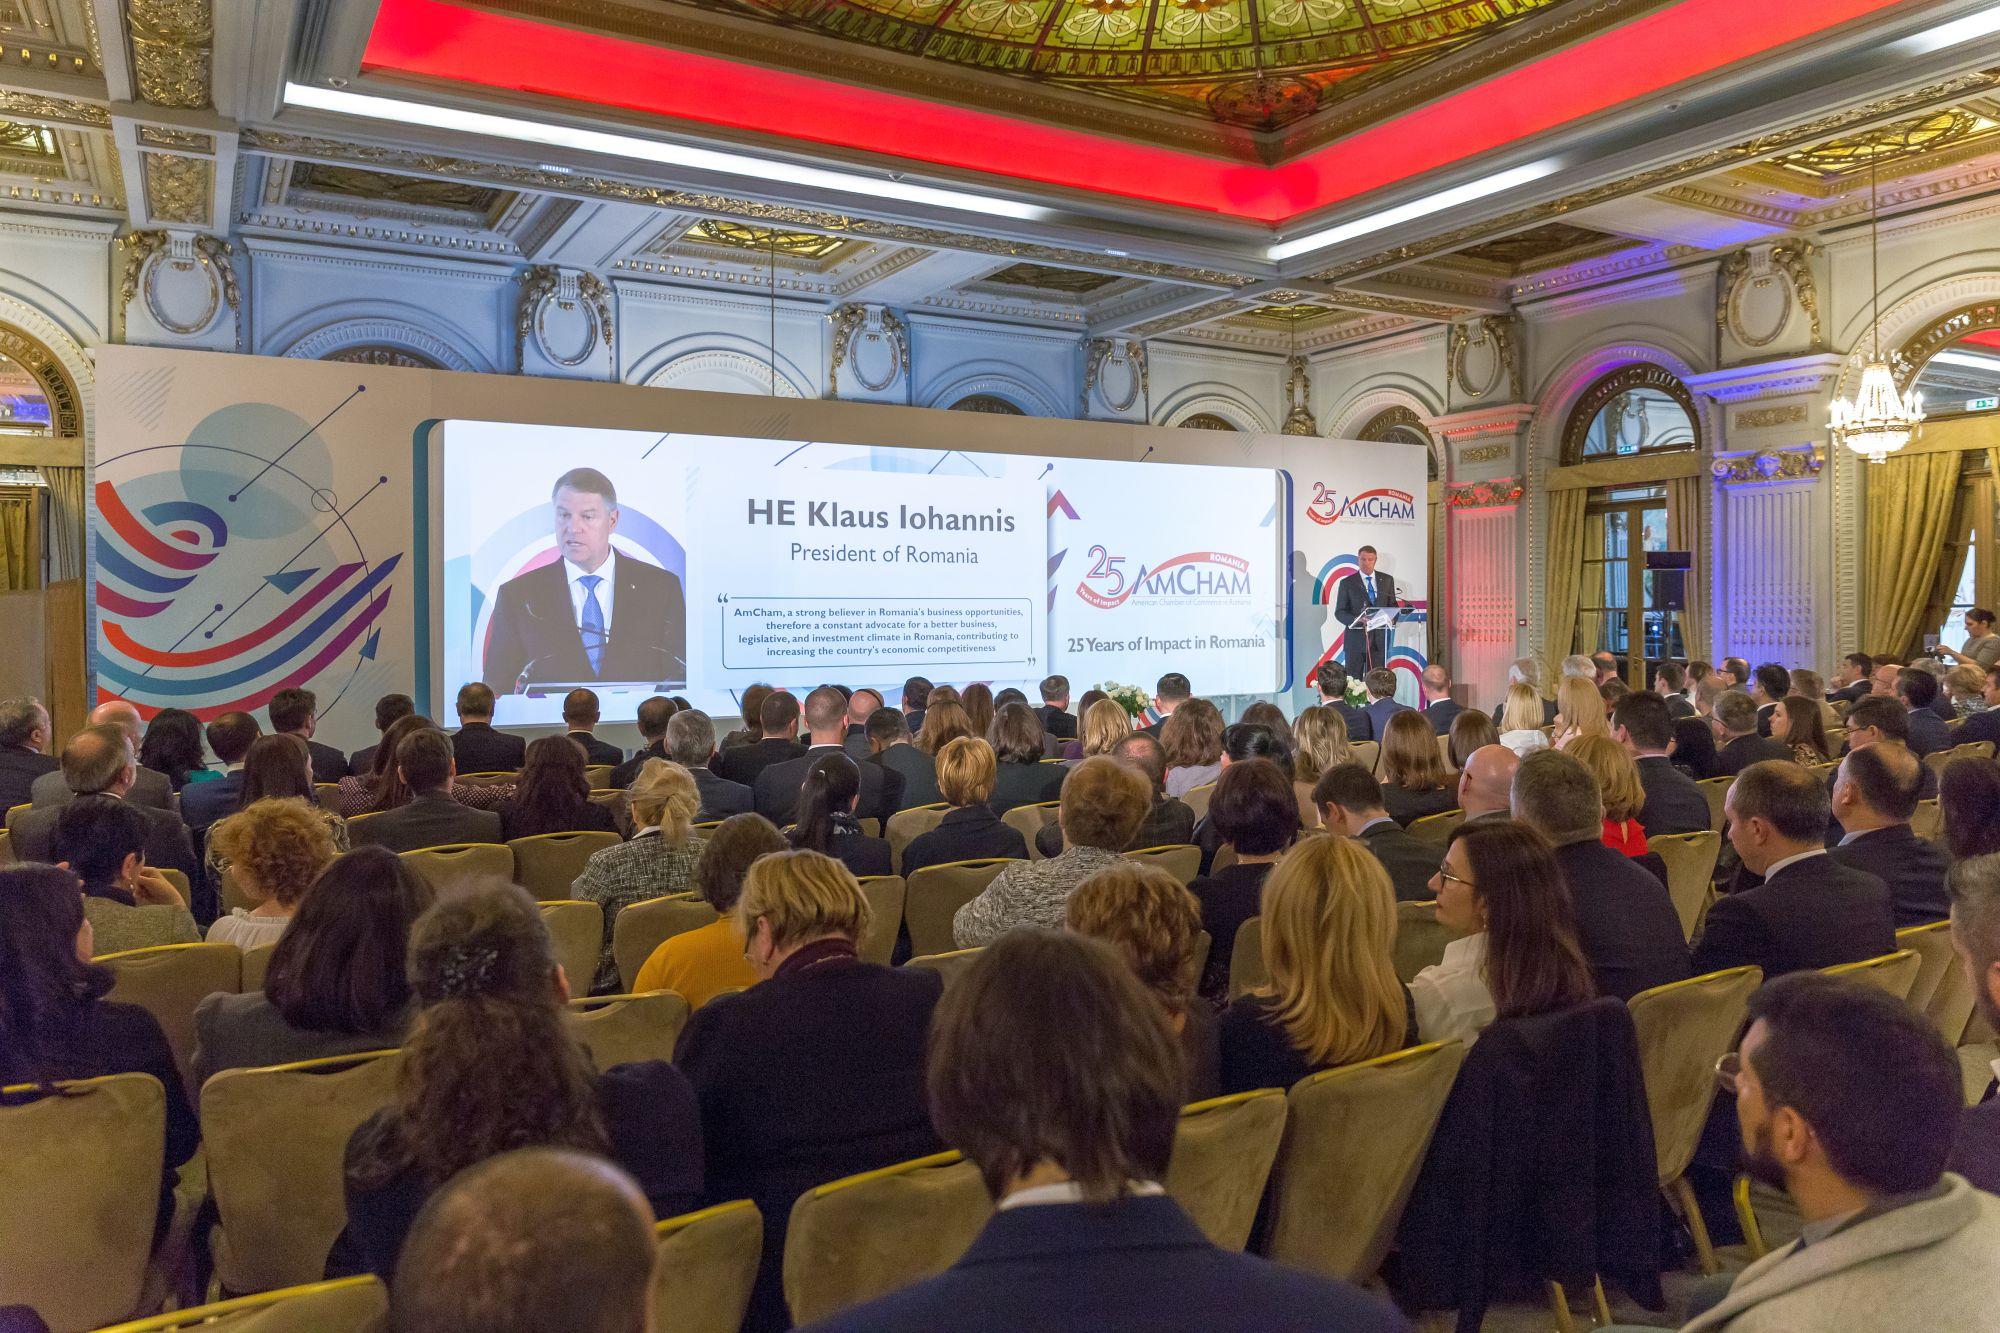 Camera de Comerț Americană în România (AmCham) a aniversat 25 de ani de existență